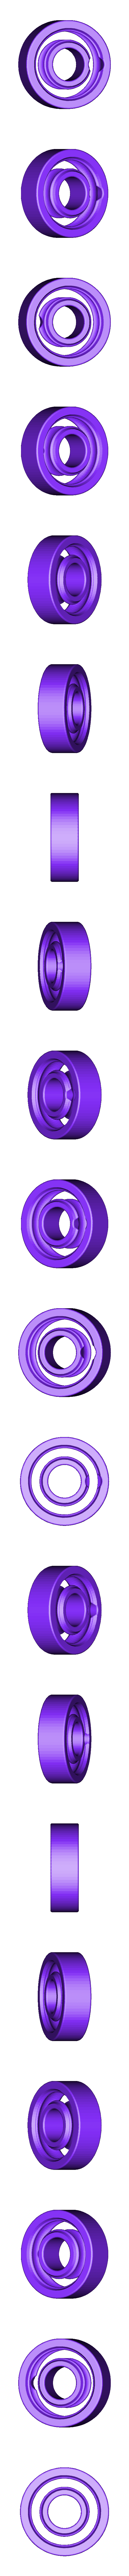 bearing_8_22_7.stl Télécharger fichier STL gratuit Palier 608 (acier BB de 4,5 mm) • Objet pour impression 3D, SiberK